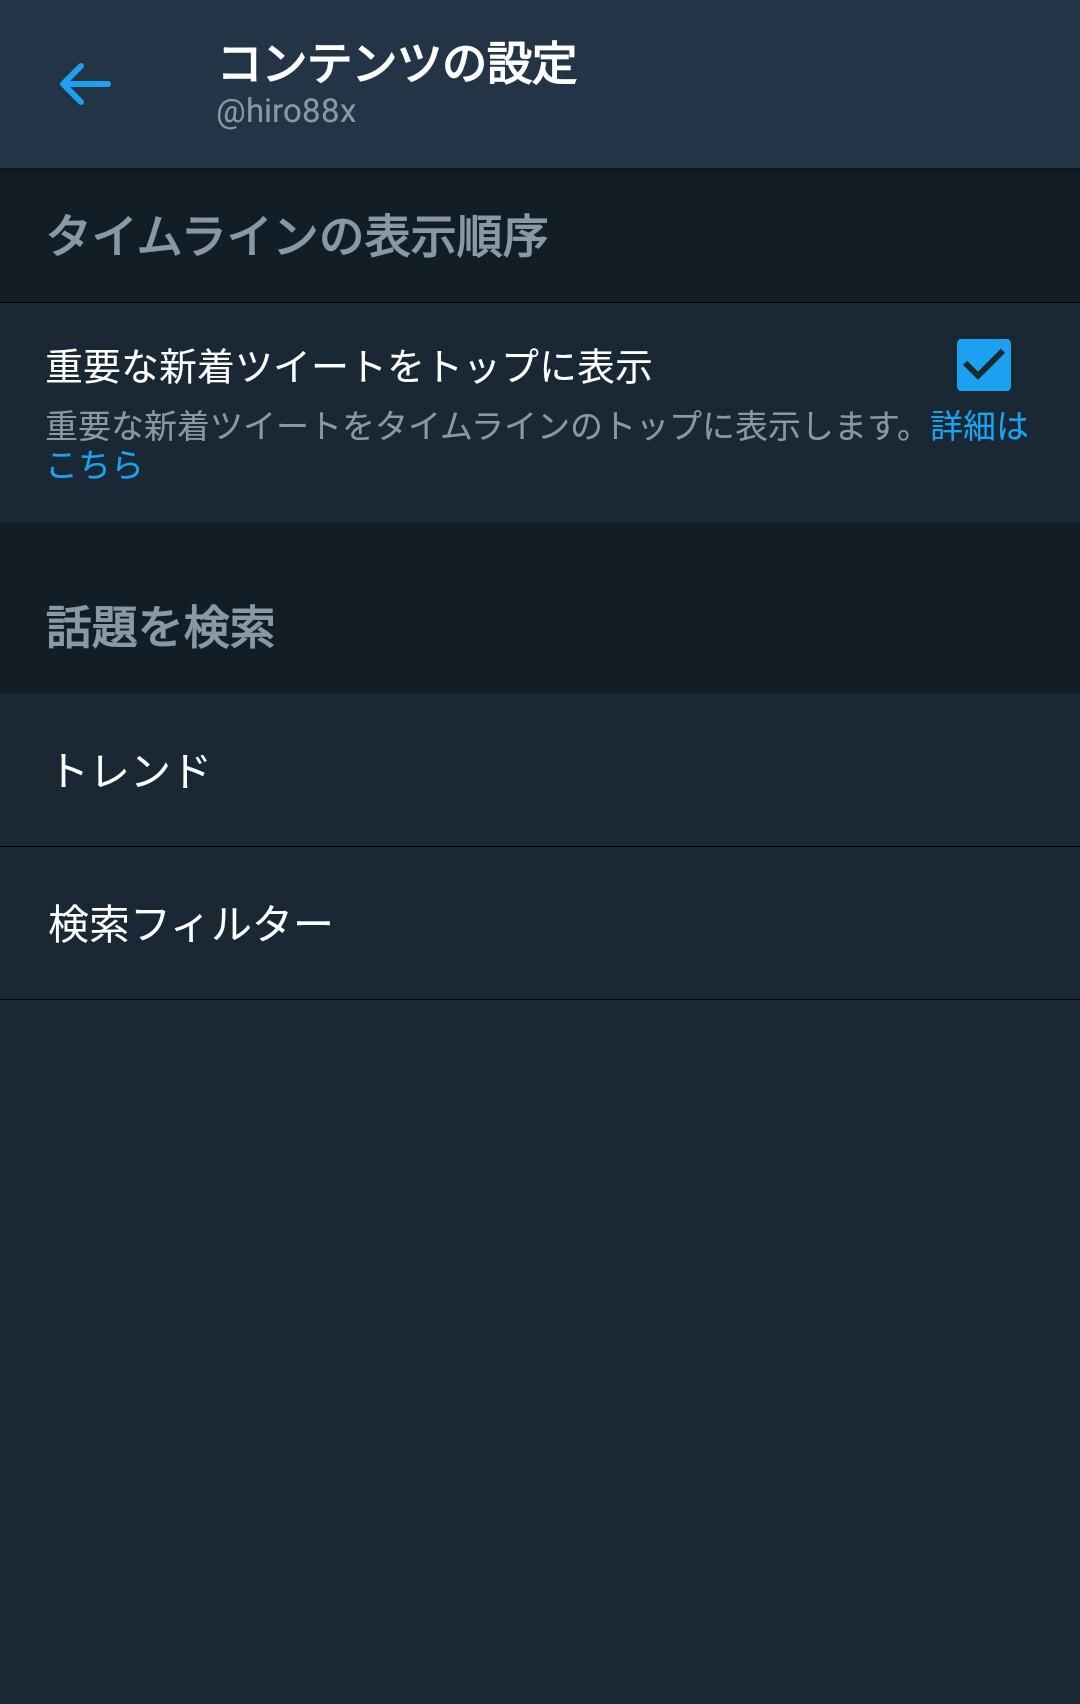 f:id:hiro88x:20170909185547j:plain